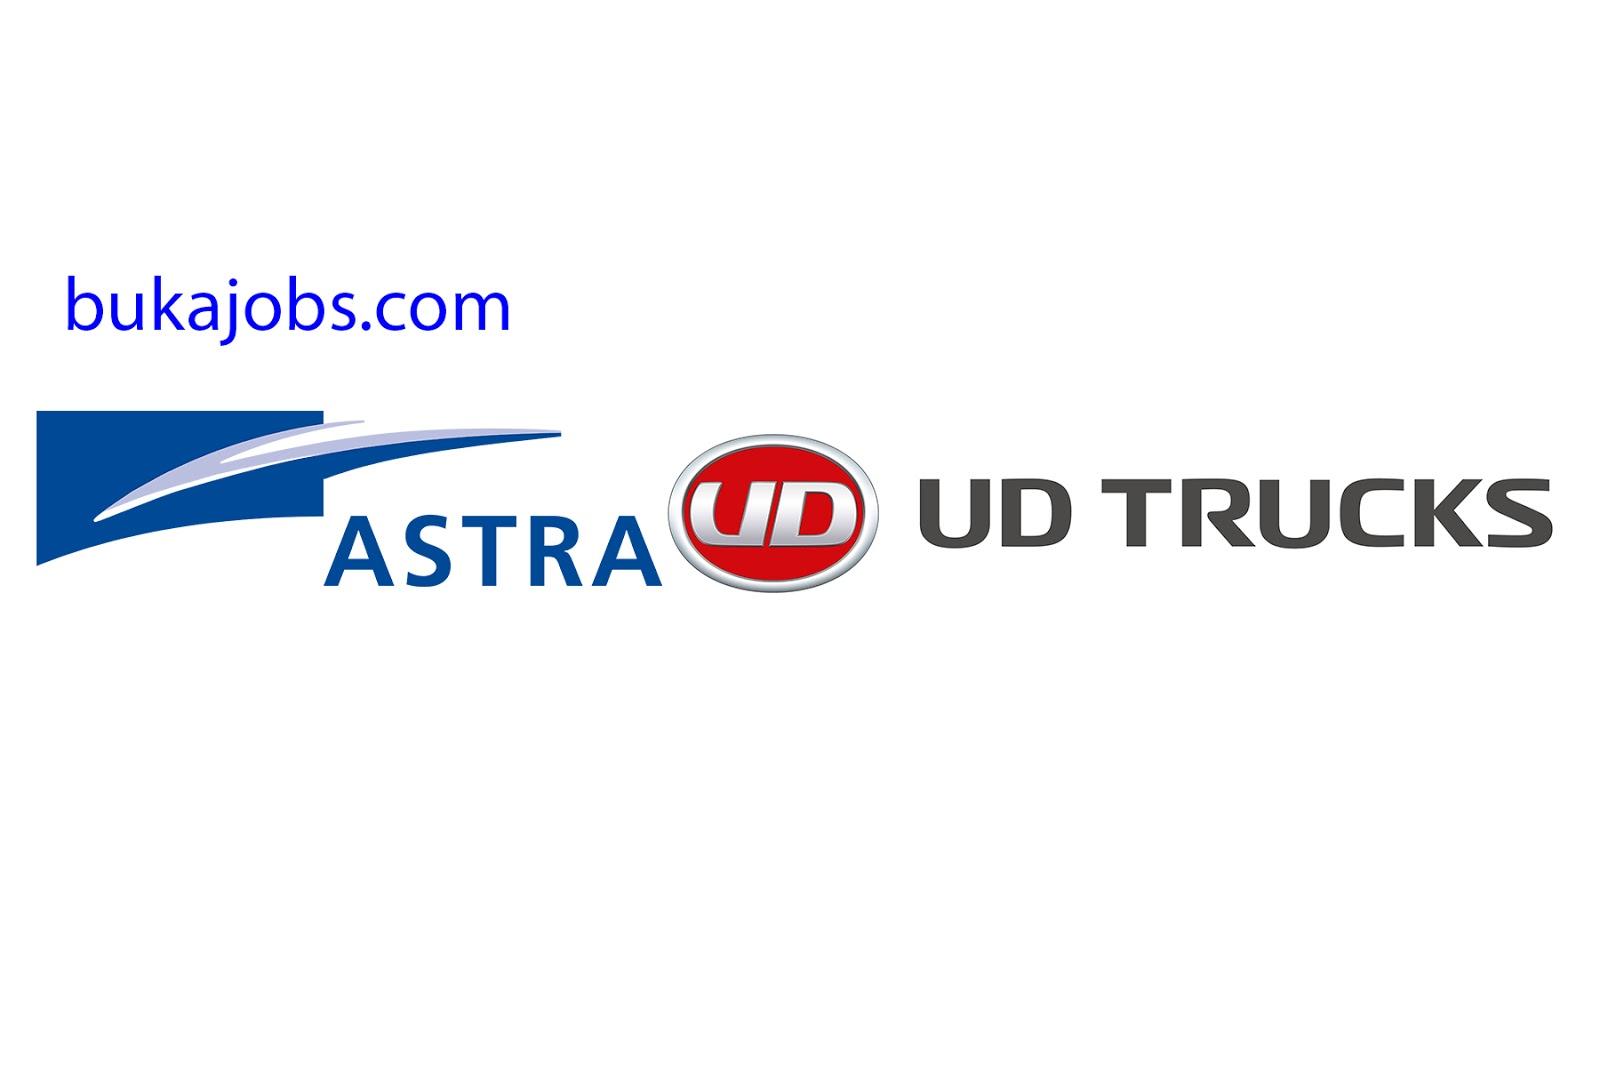 Lowongan Kerja ASTRA UD Trucks 2019